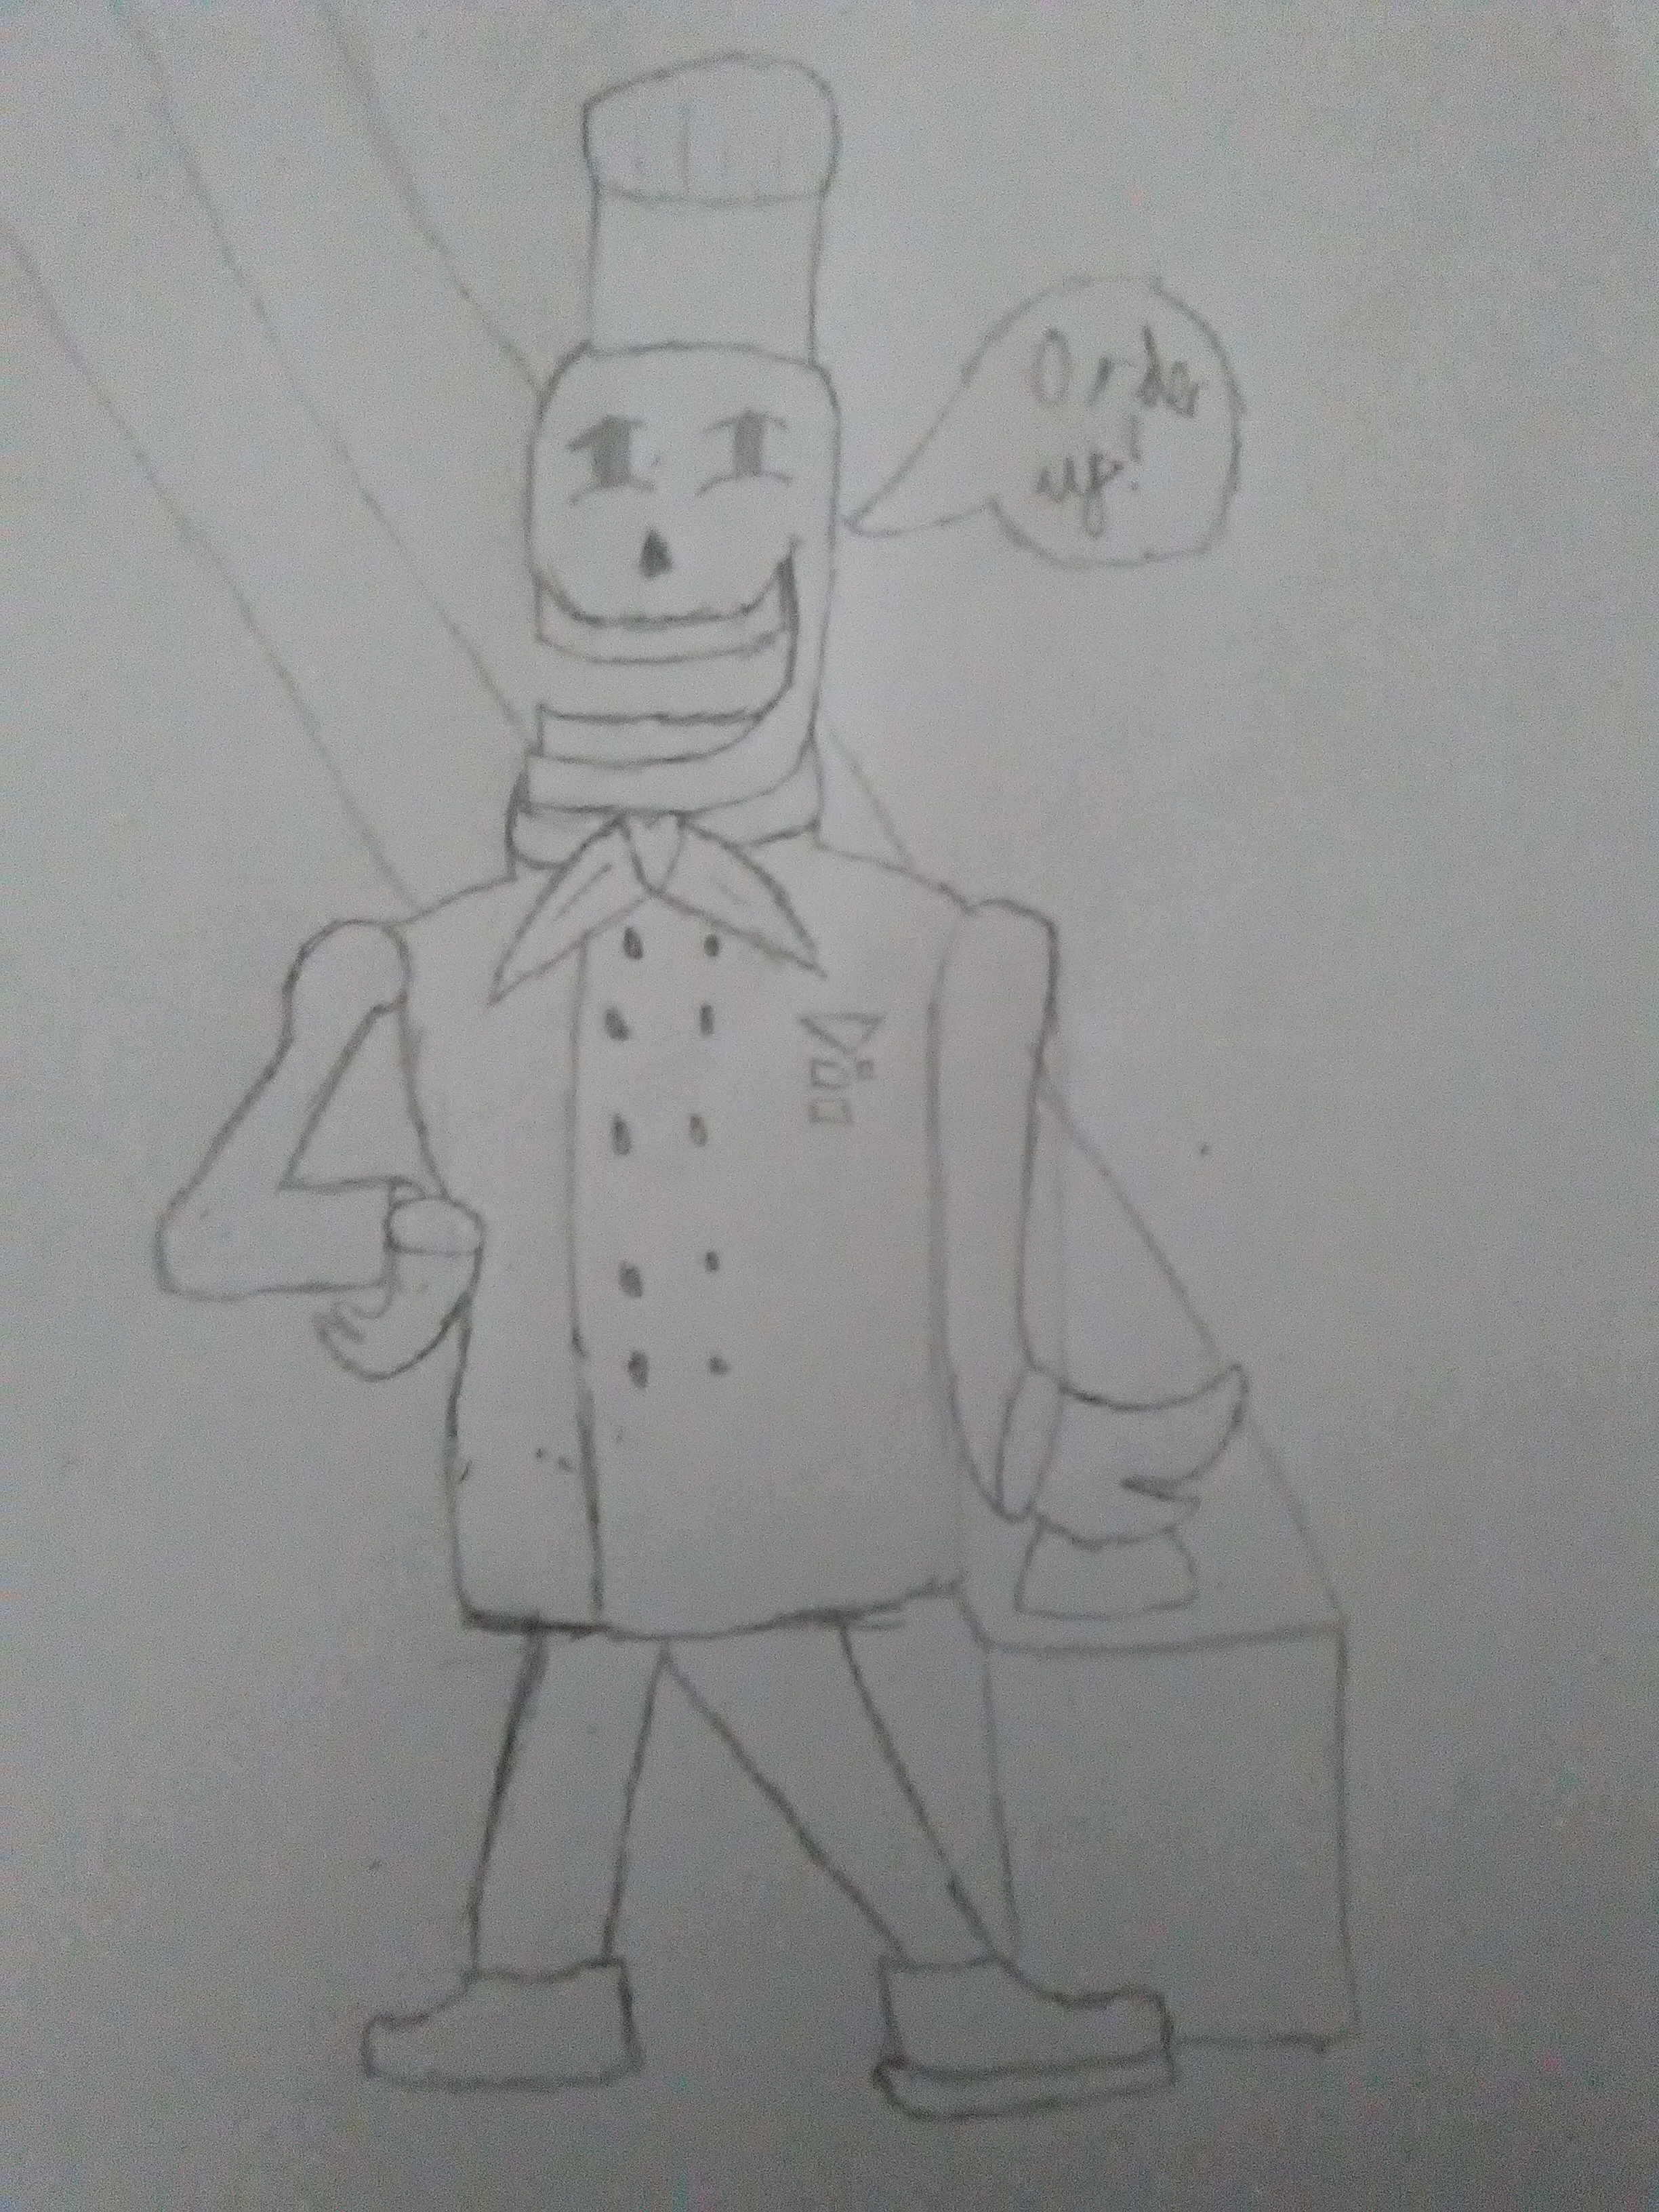 Jobtale: Chef Papyrus